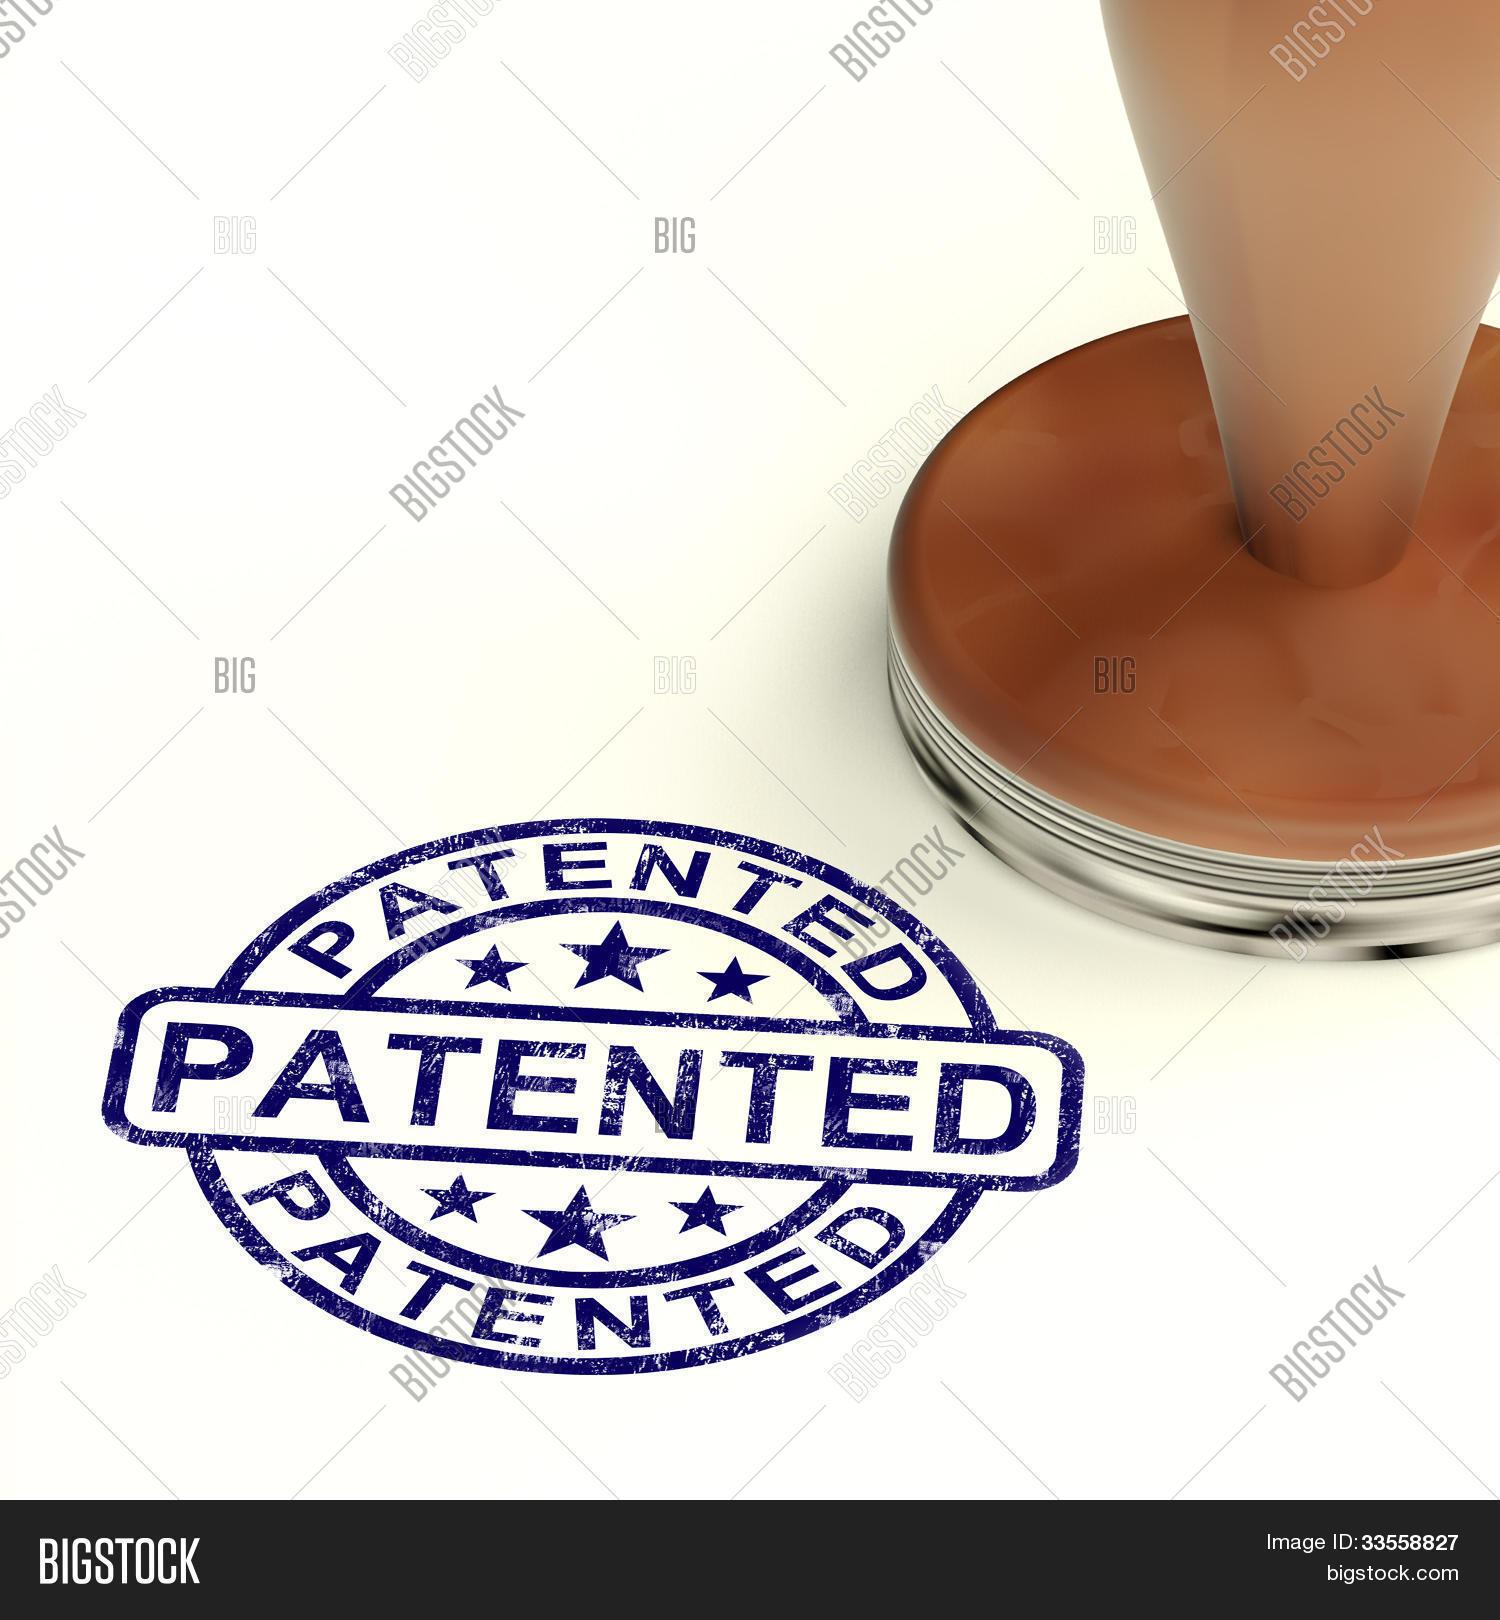 не запатентовано картинка напиток сильно любителя